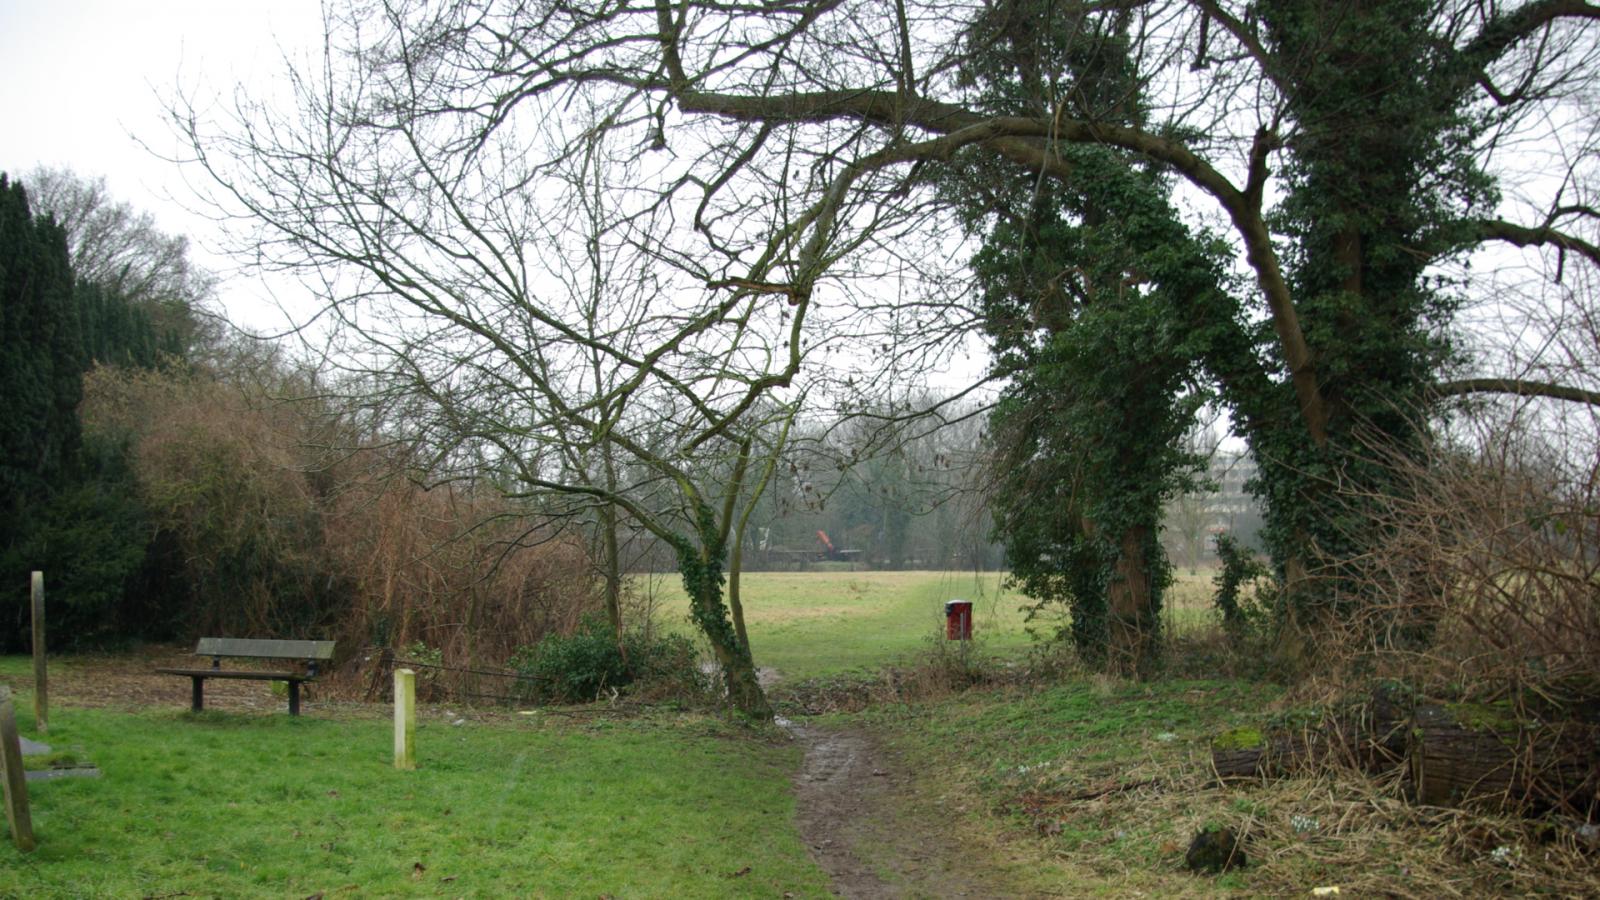 Picture of a path through Church Meadows